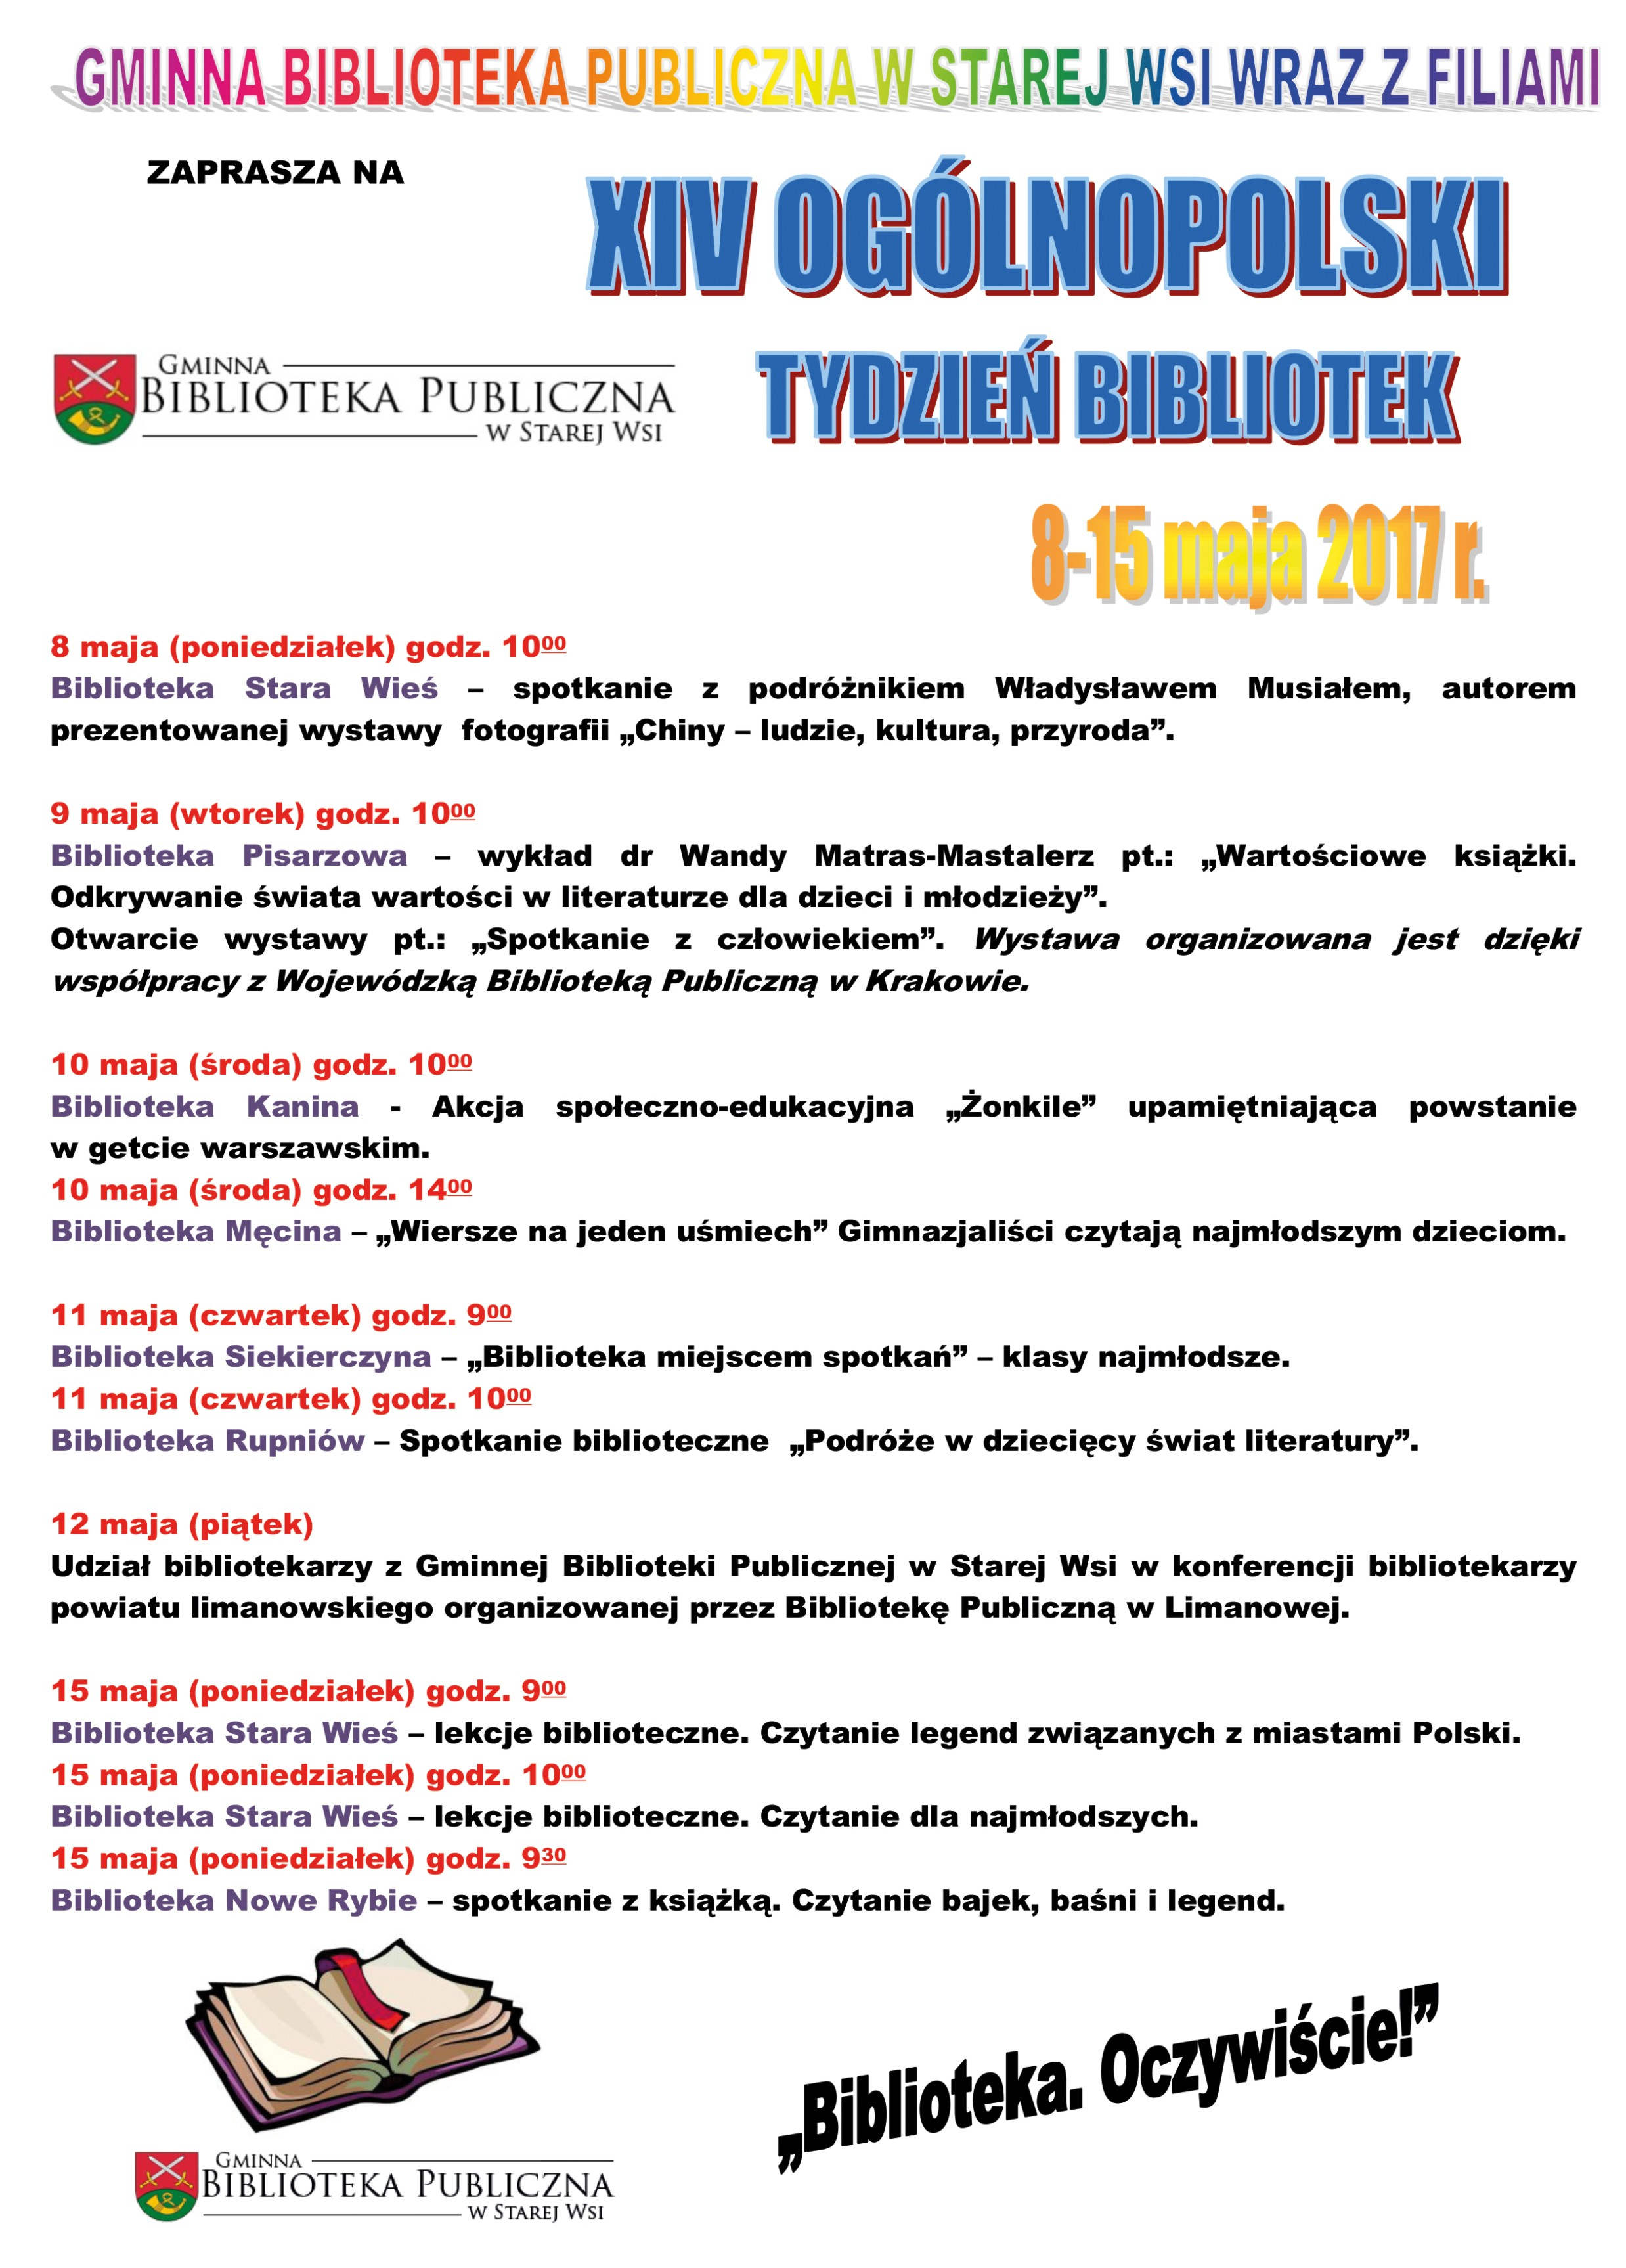 Tydzień Bibliotek w gminie Limanowa – XIV edycja: Biblioteka. Oczywiście! - zdjęcie główne